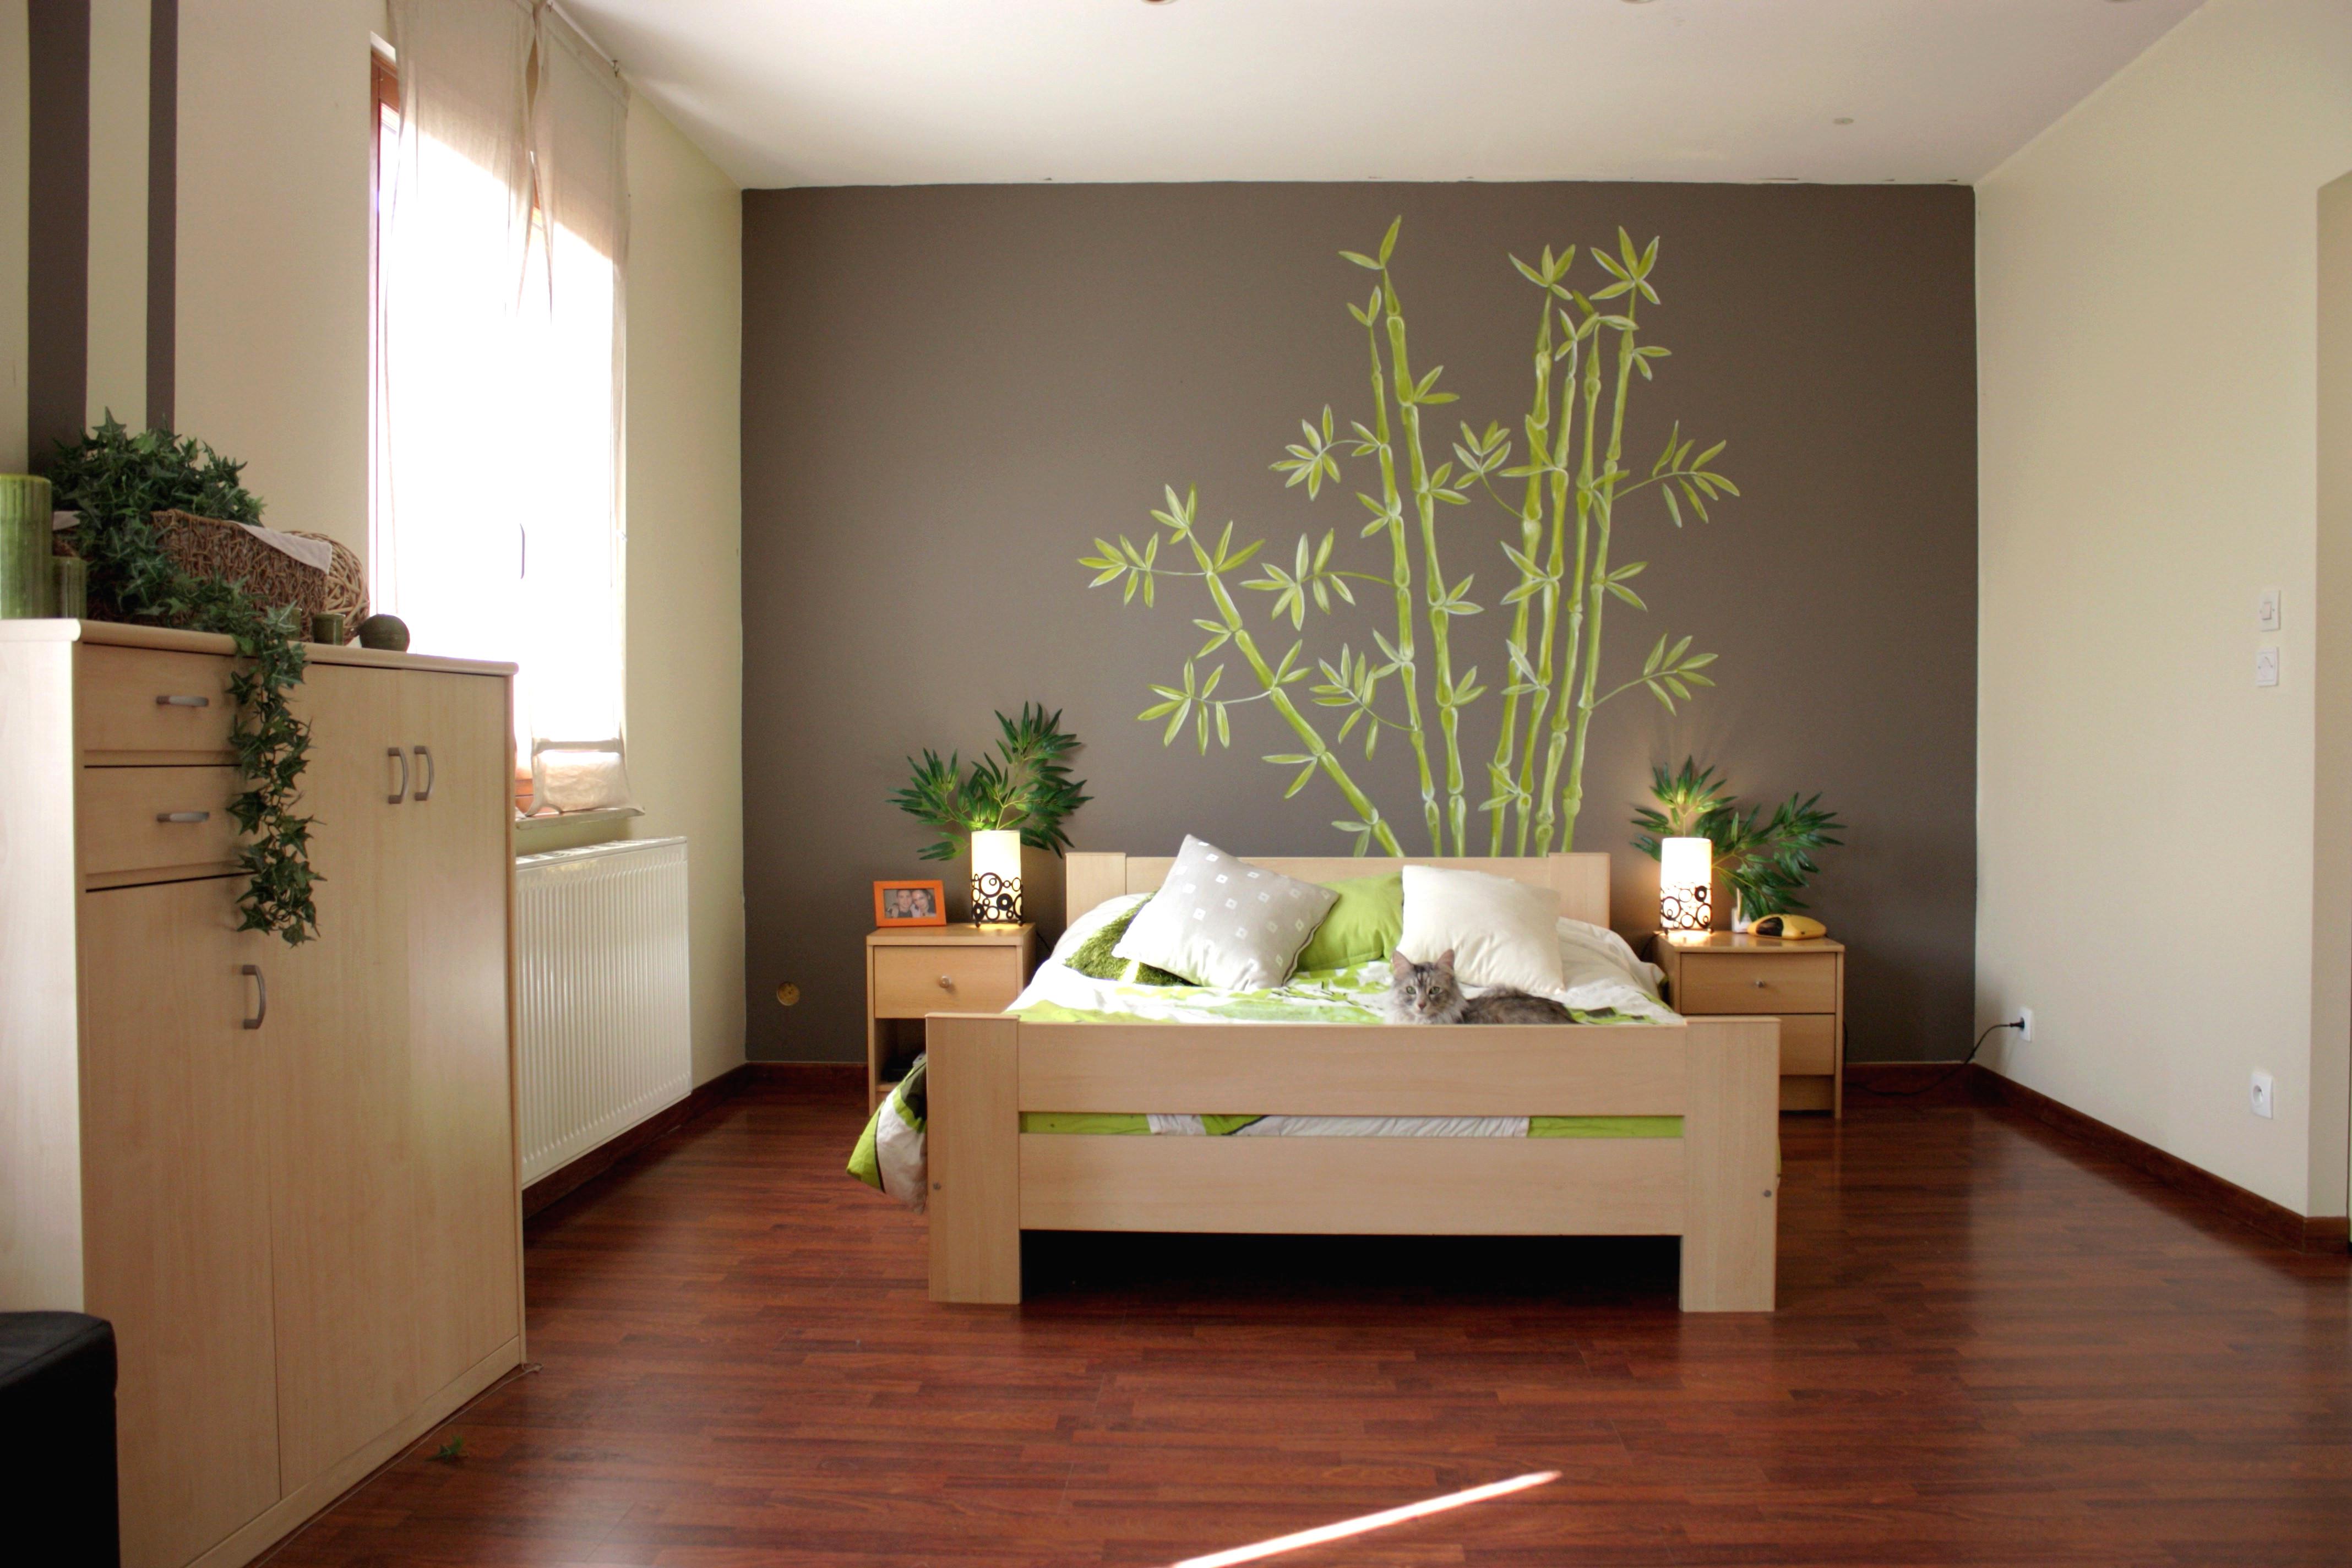 Comment peindre une chambre : Quelle couleur et quelle type ...